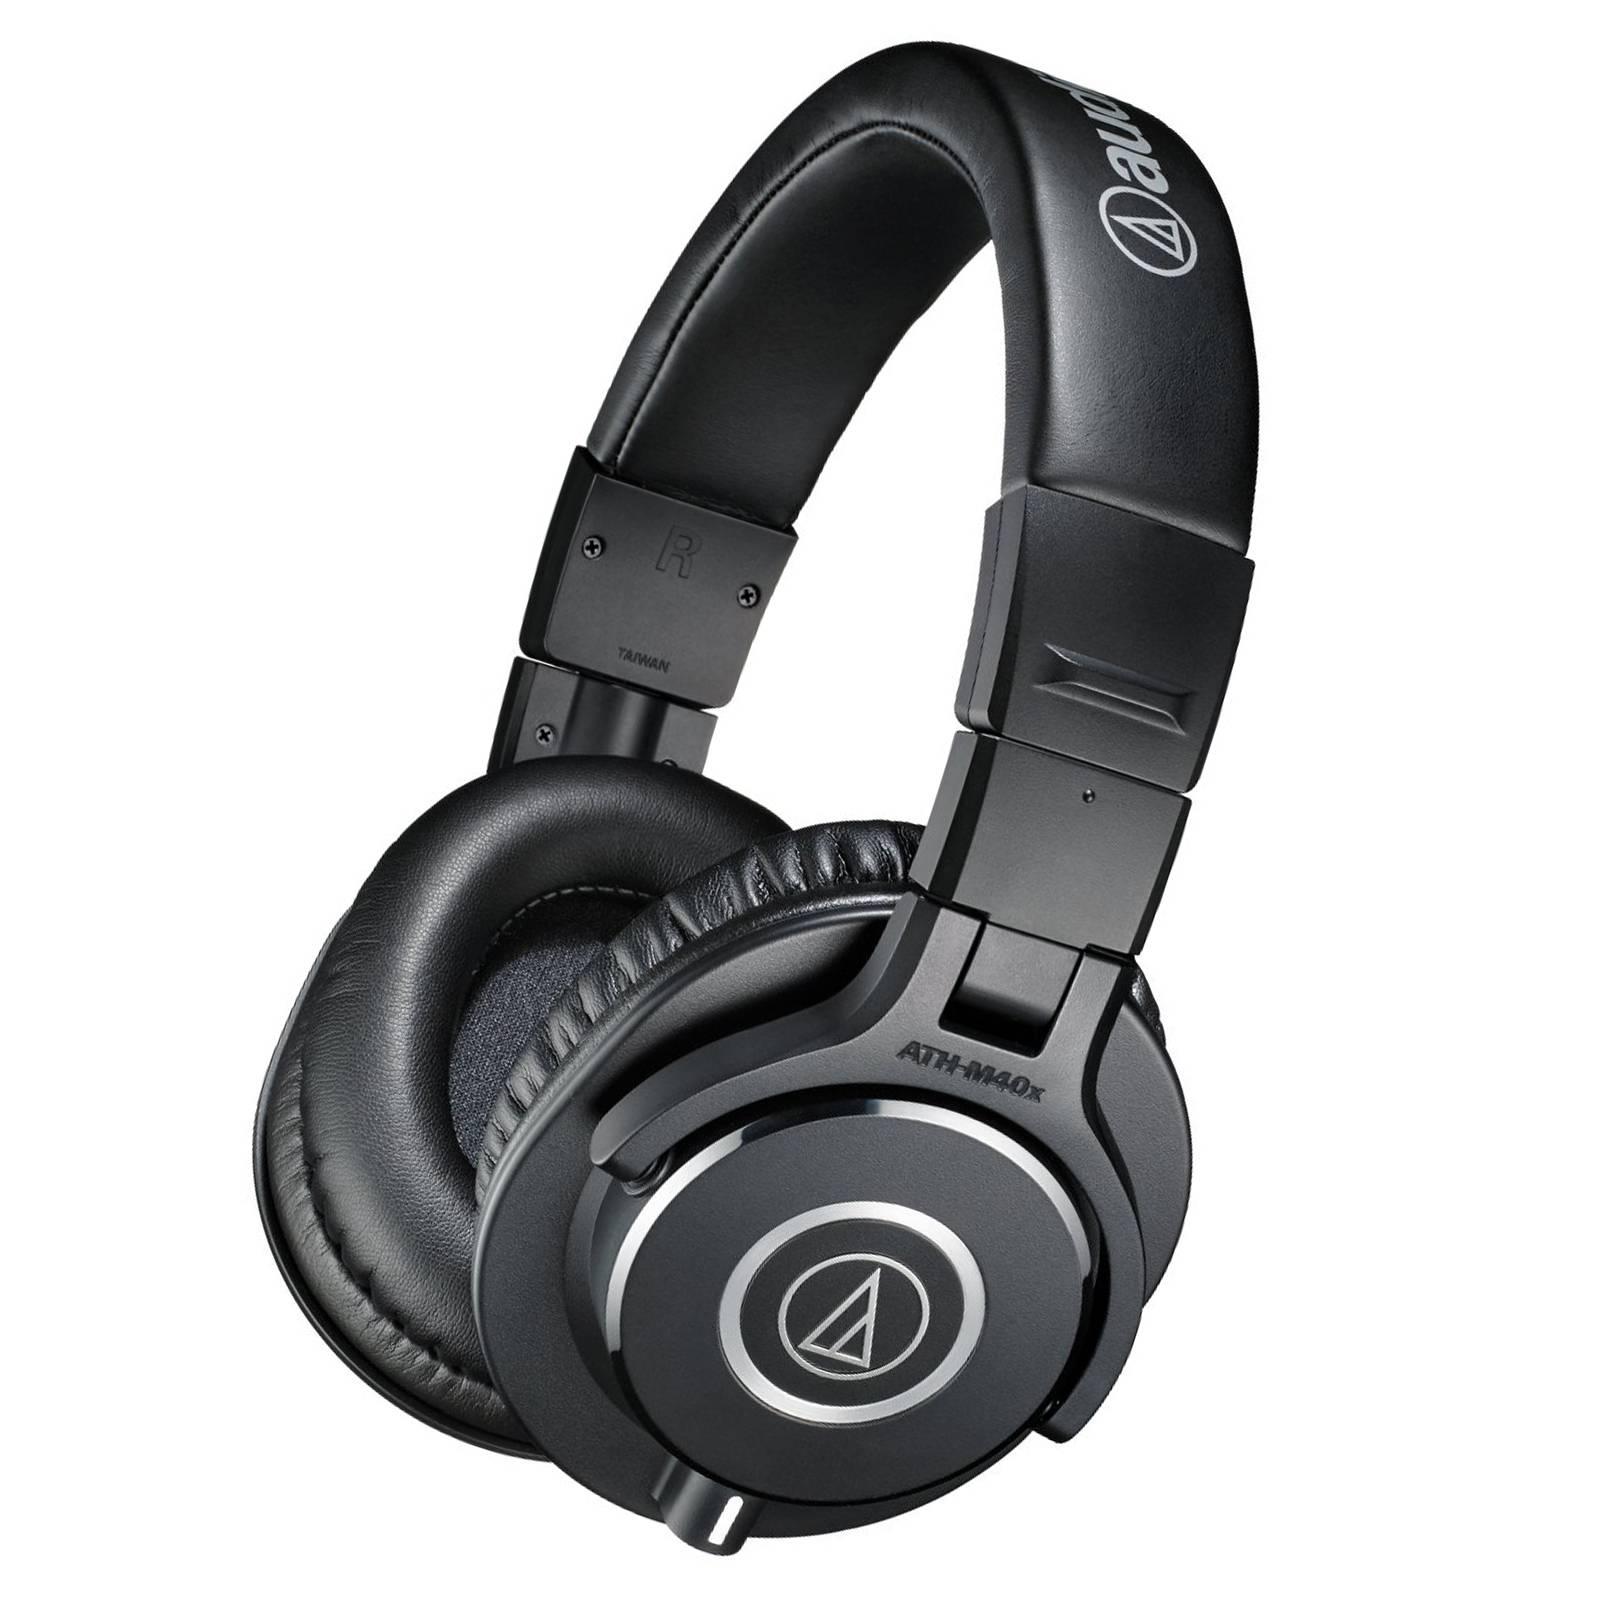 Audio Technica M40x Review: Headphones